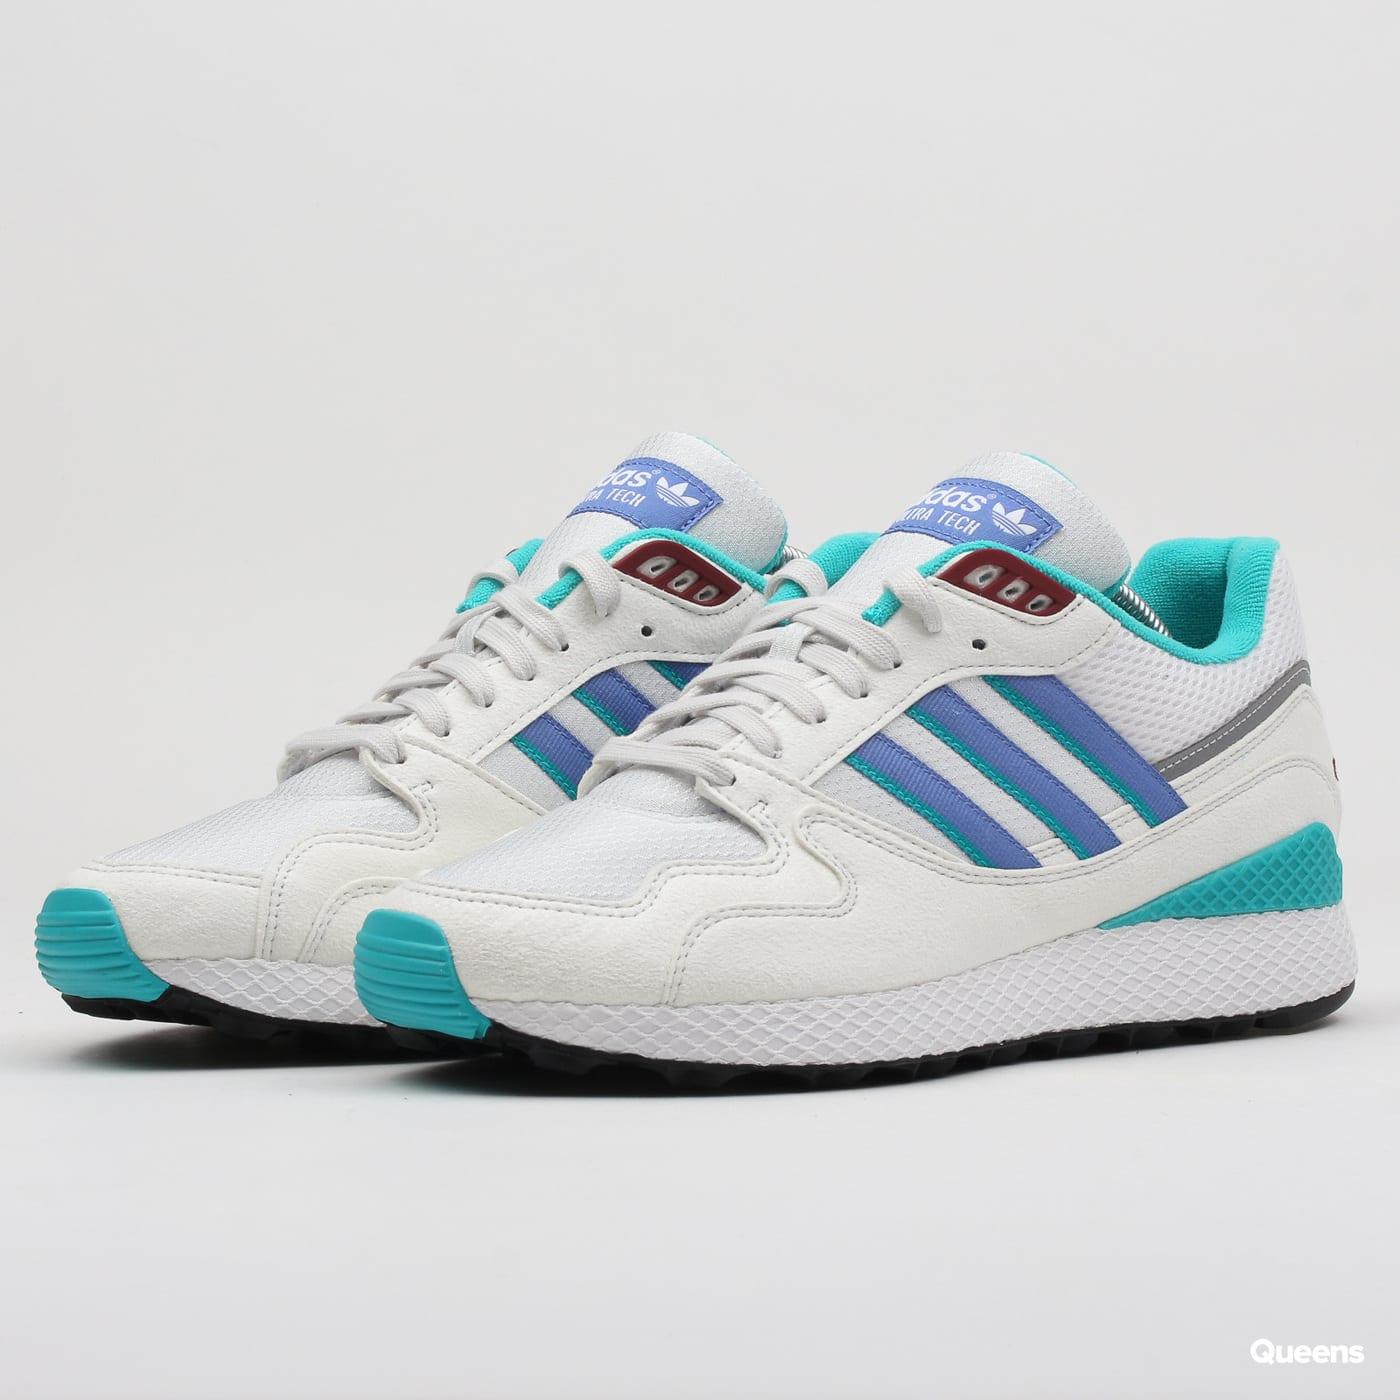 6dd978c655d80 Sneakers adidas Originals Ultra Tech (B37916)– Queens 💚